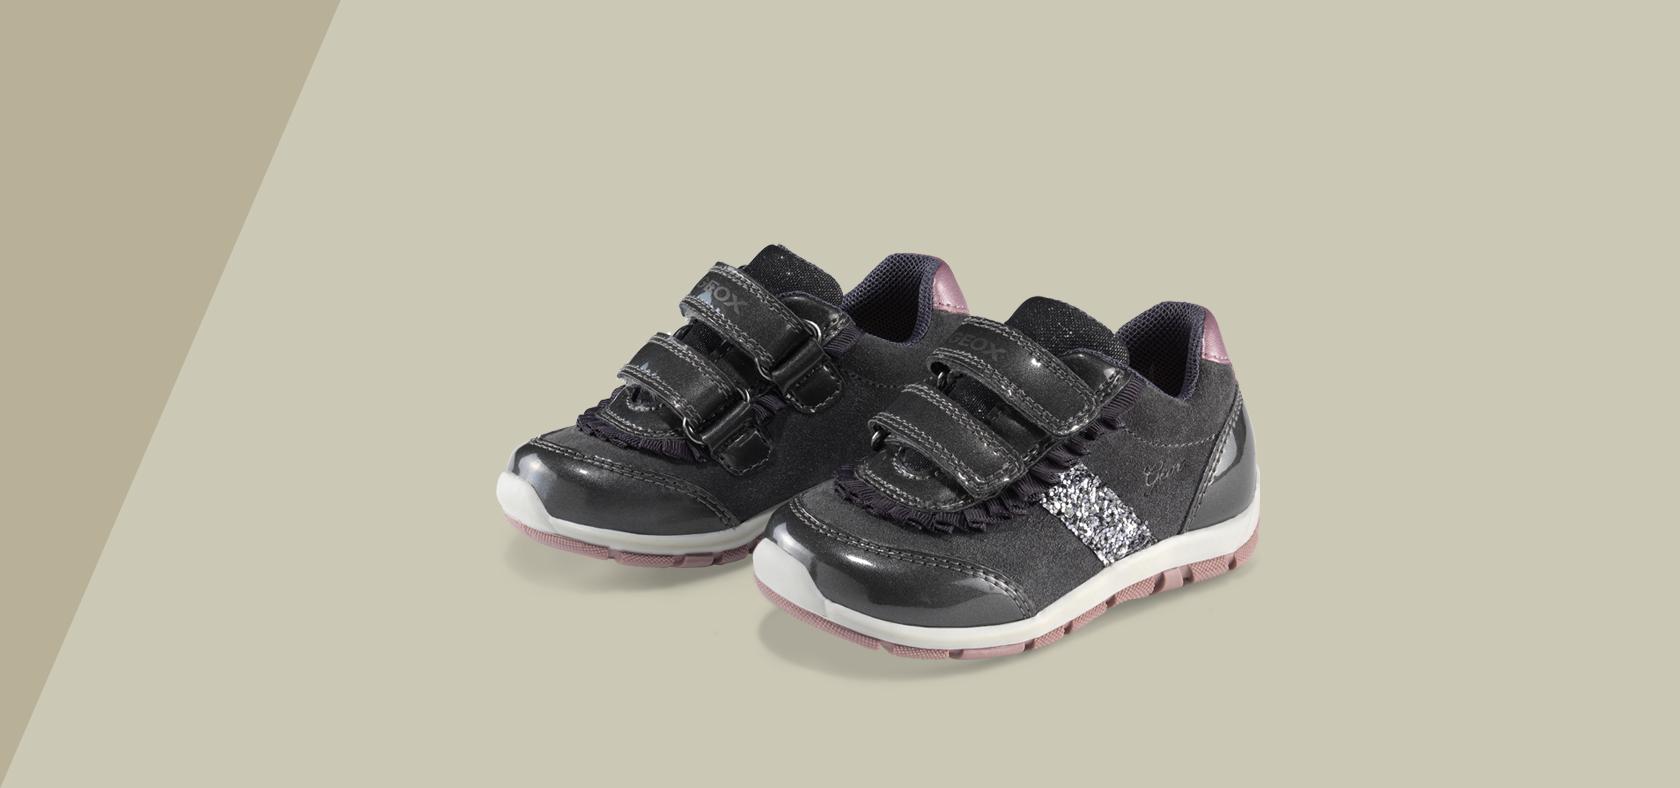 chaussures enfants geox habillees